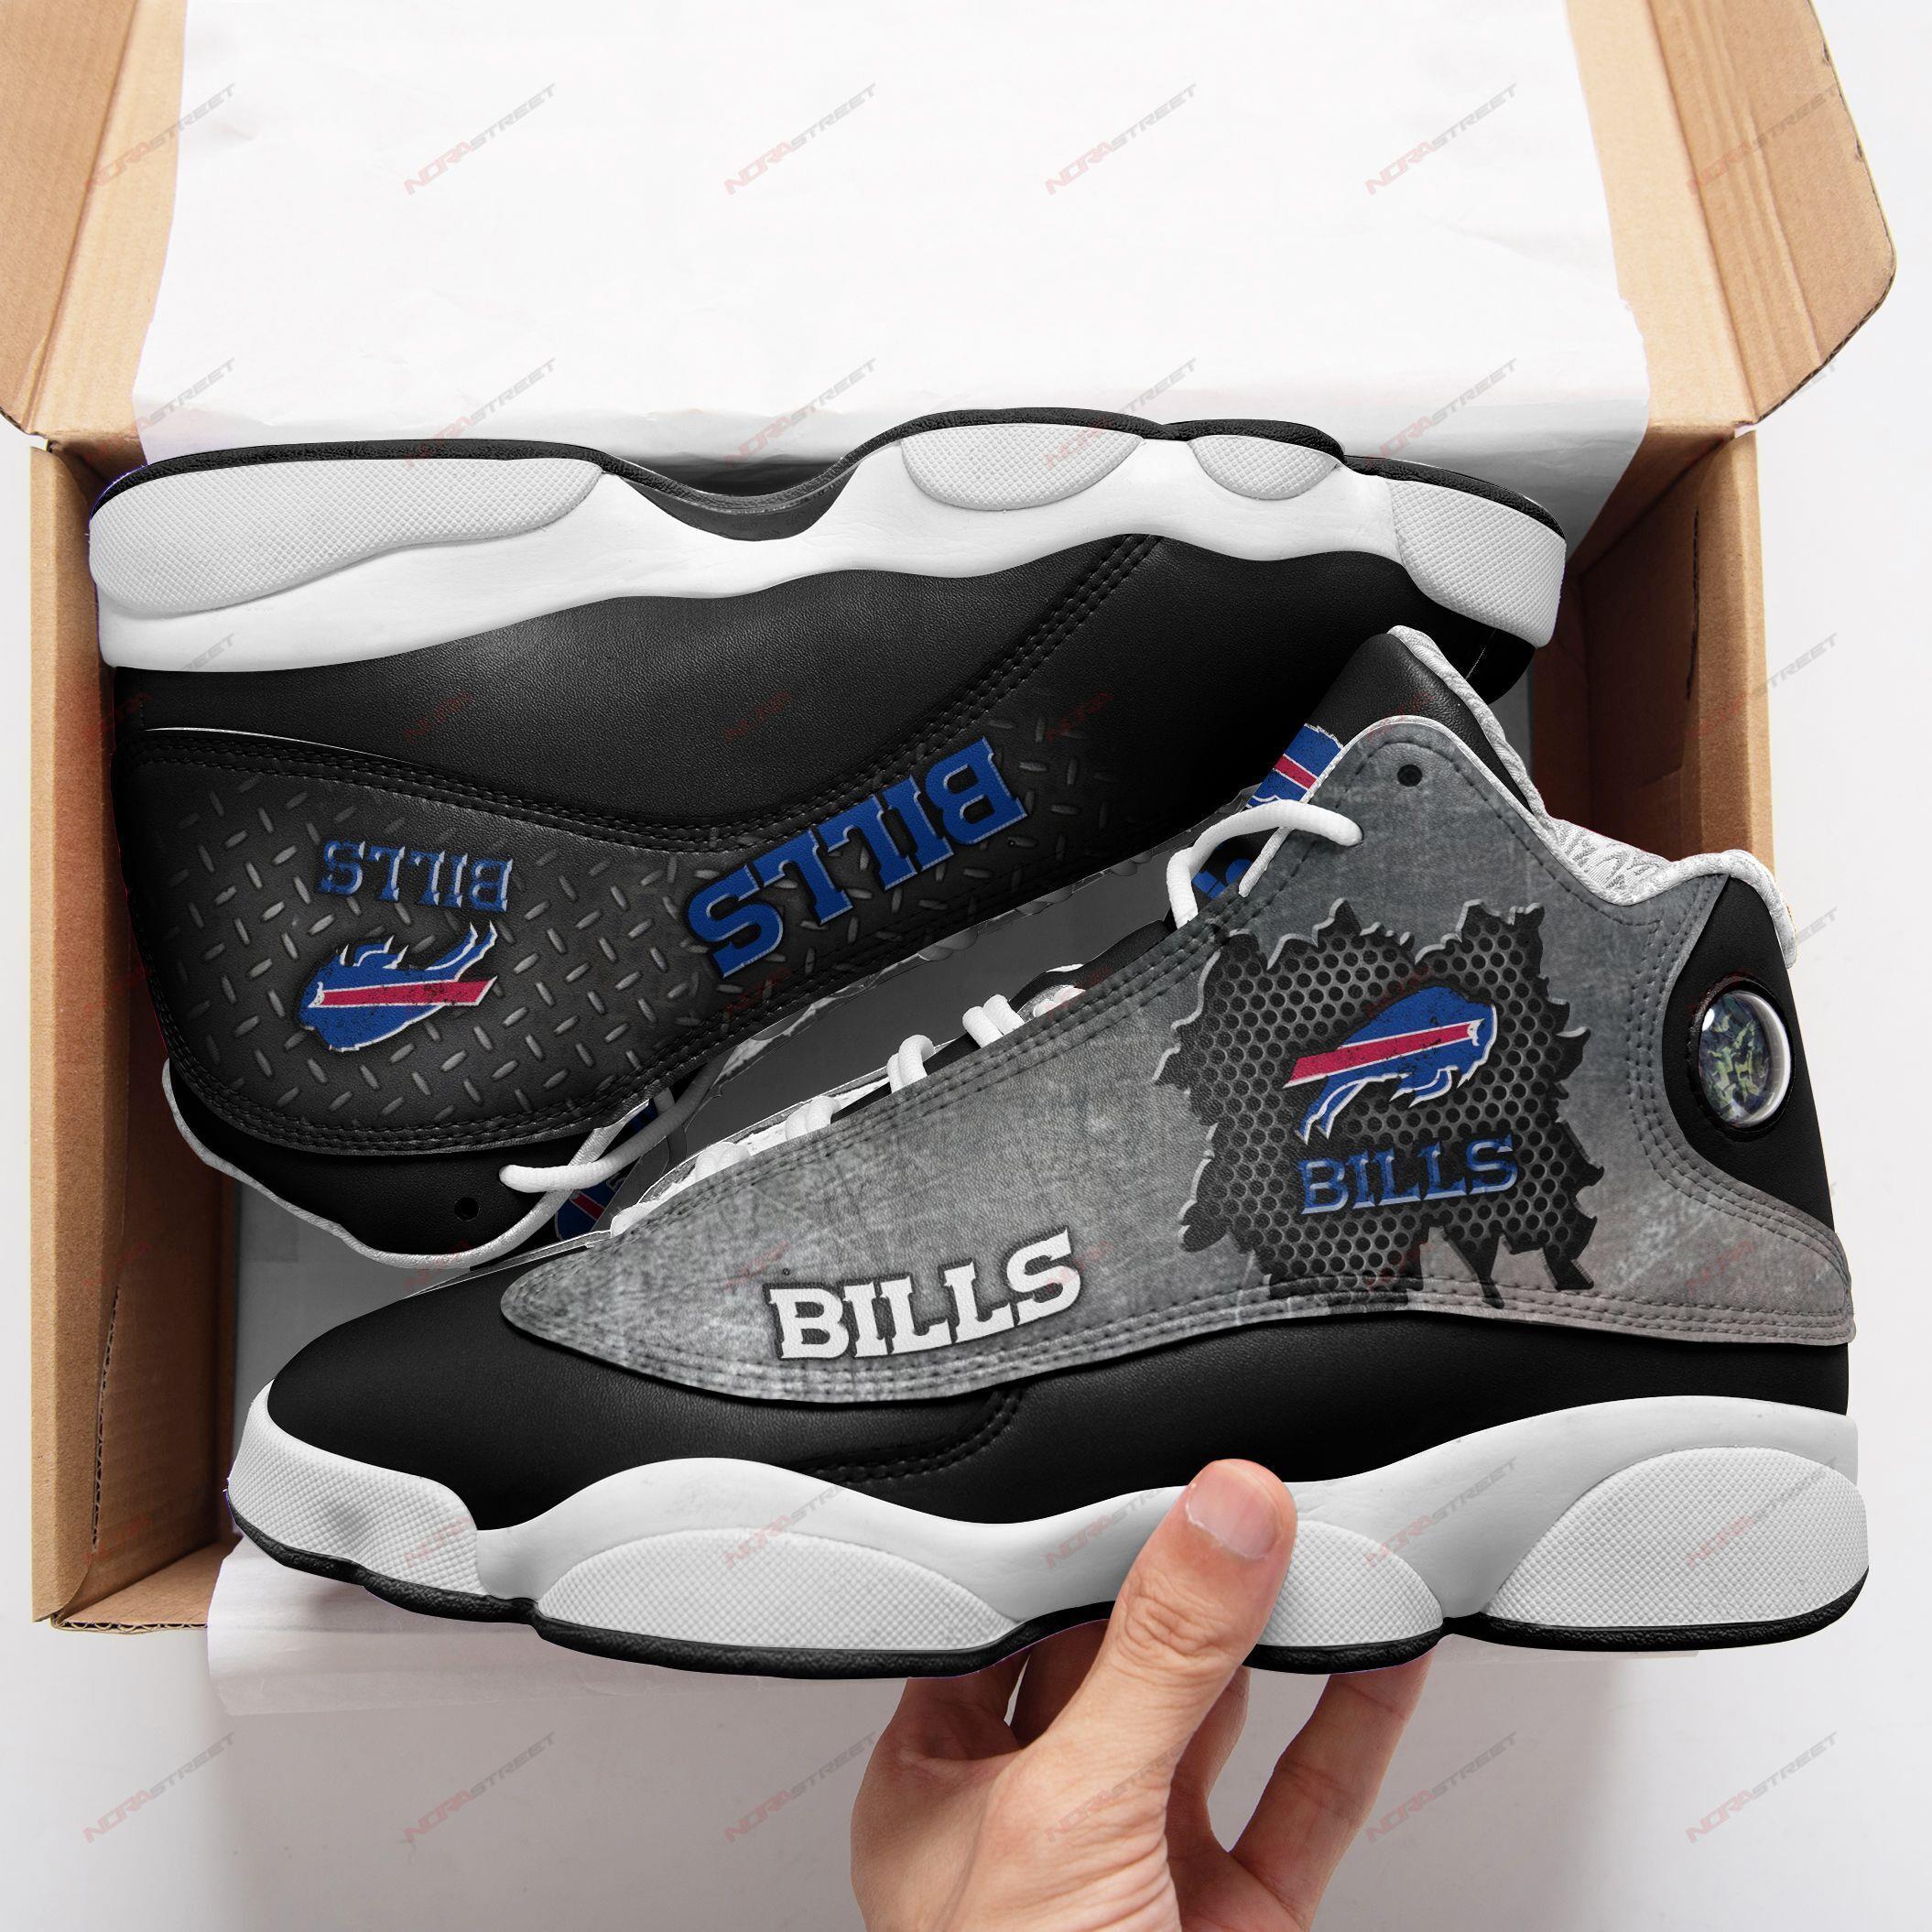 Buffalo Bills Air Jordan 13 Sneakers Sport Shoes